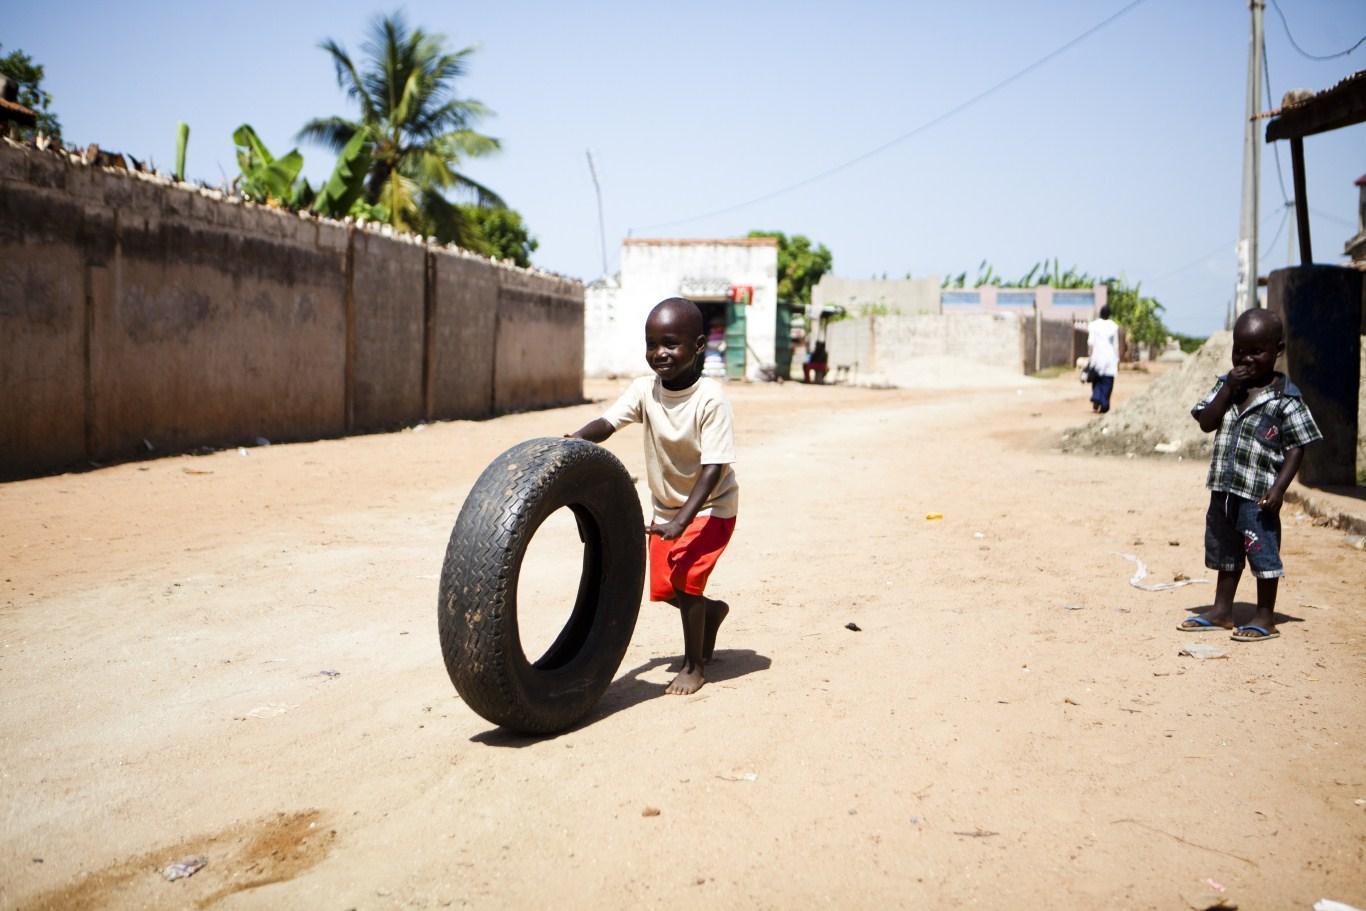 Deljenje riža in druženje v vasi Barra